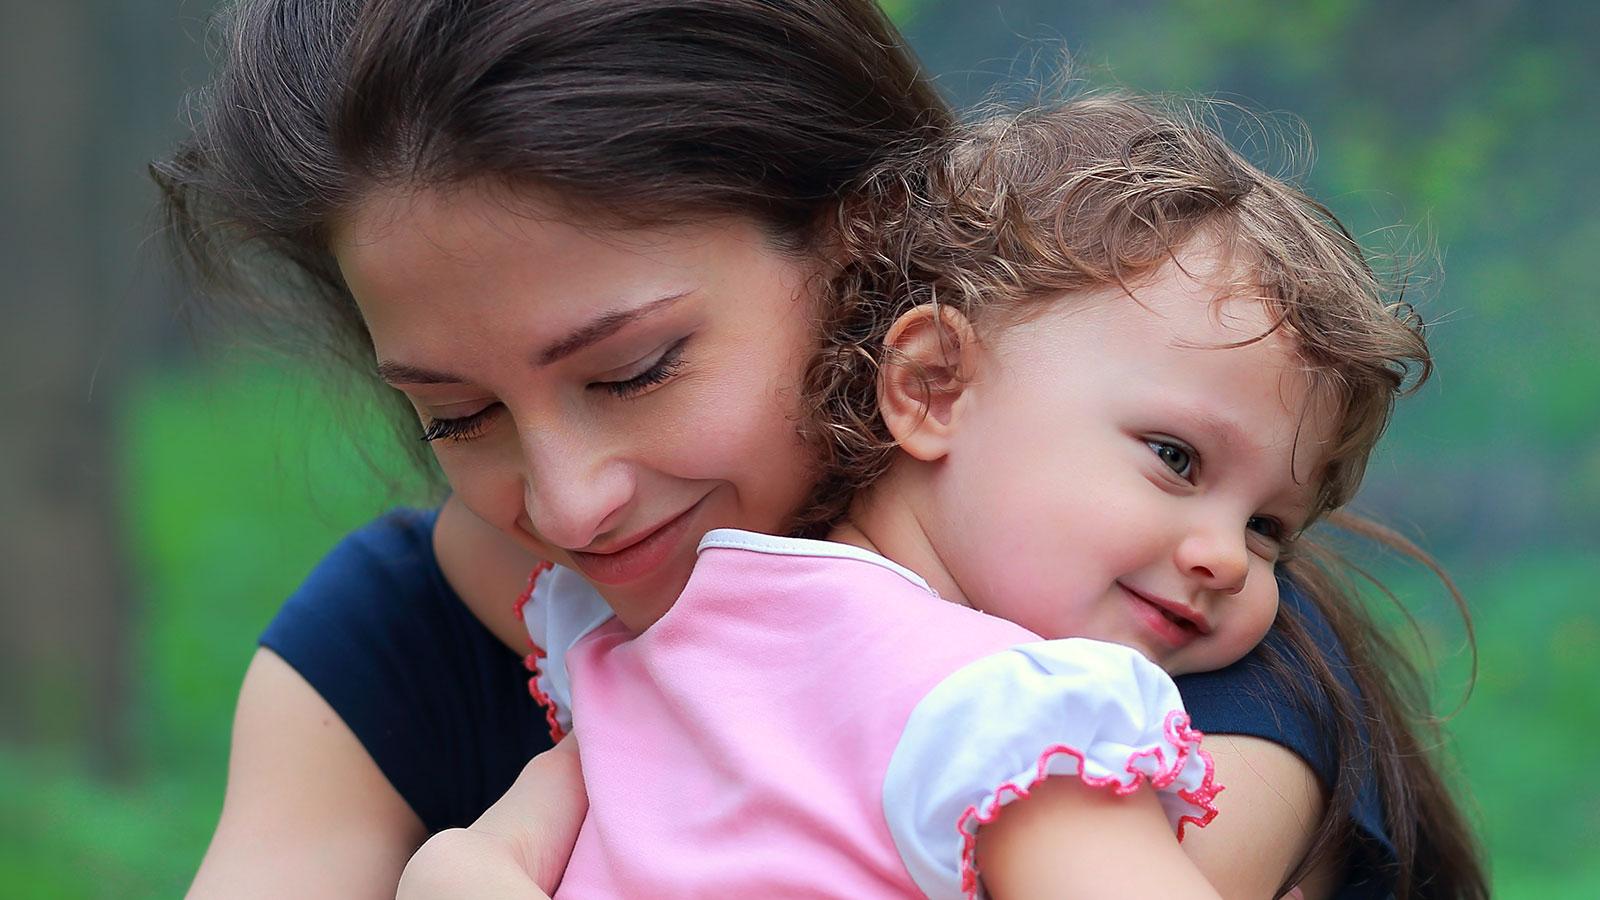 Как добиться уважения у ребенка: 7 приемов, которые точно работают